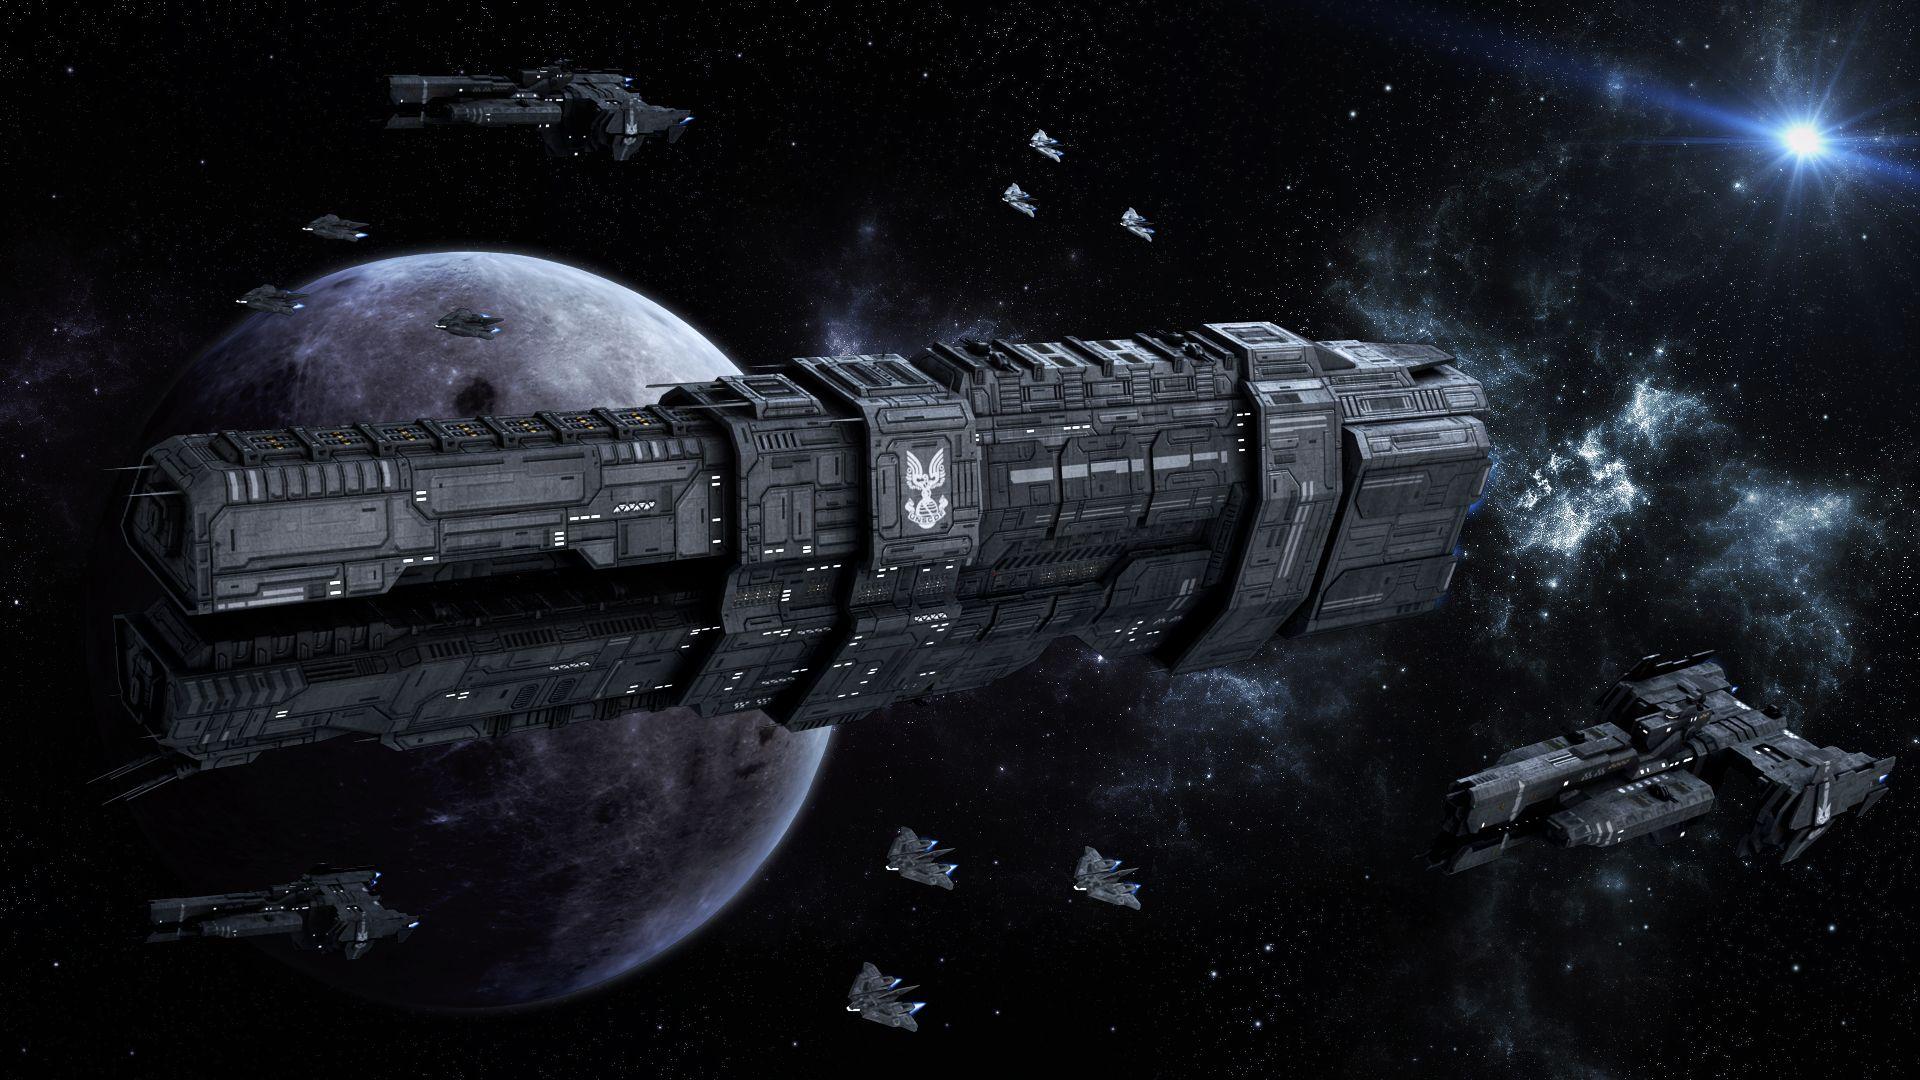 Orion Battle Spaceship